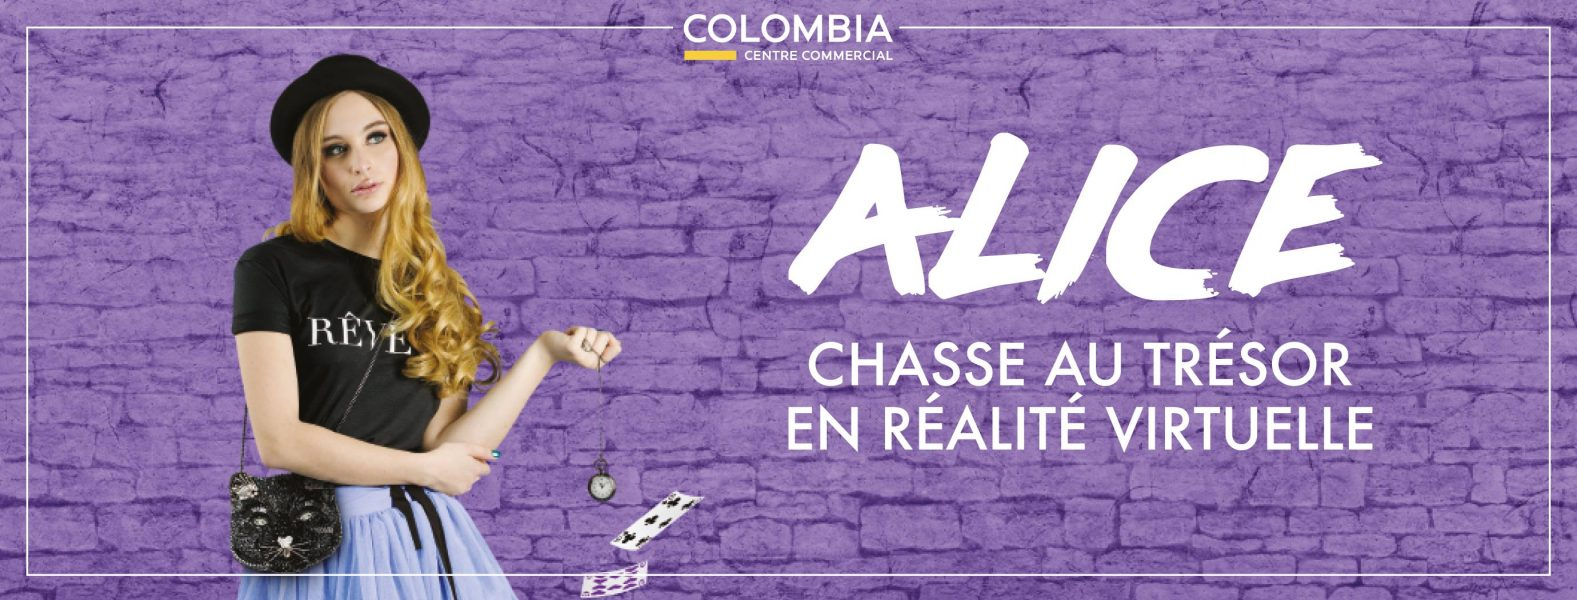 Chasse au trésor en réalité virtuelle, Centre Commercial Colombia, Rennes